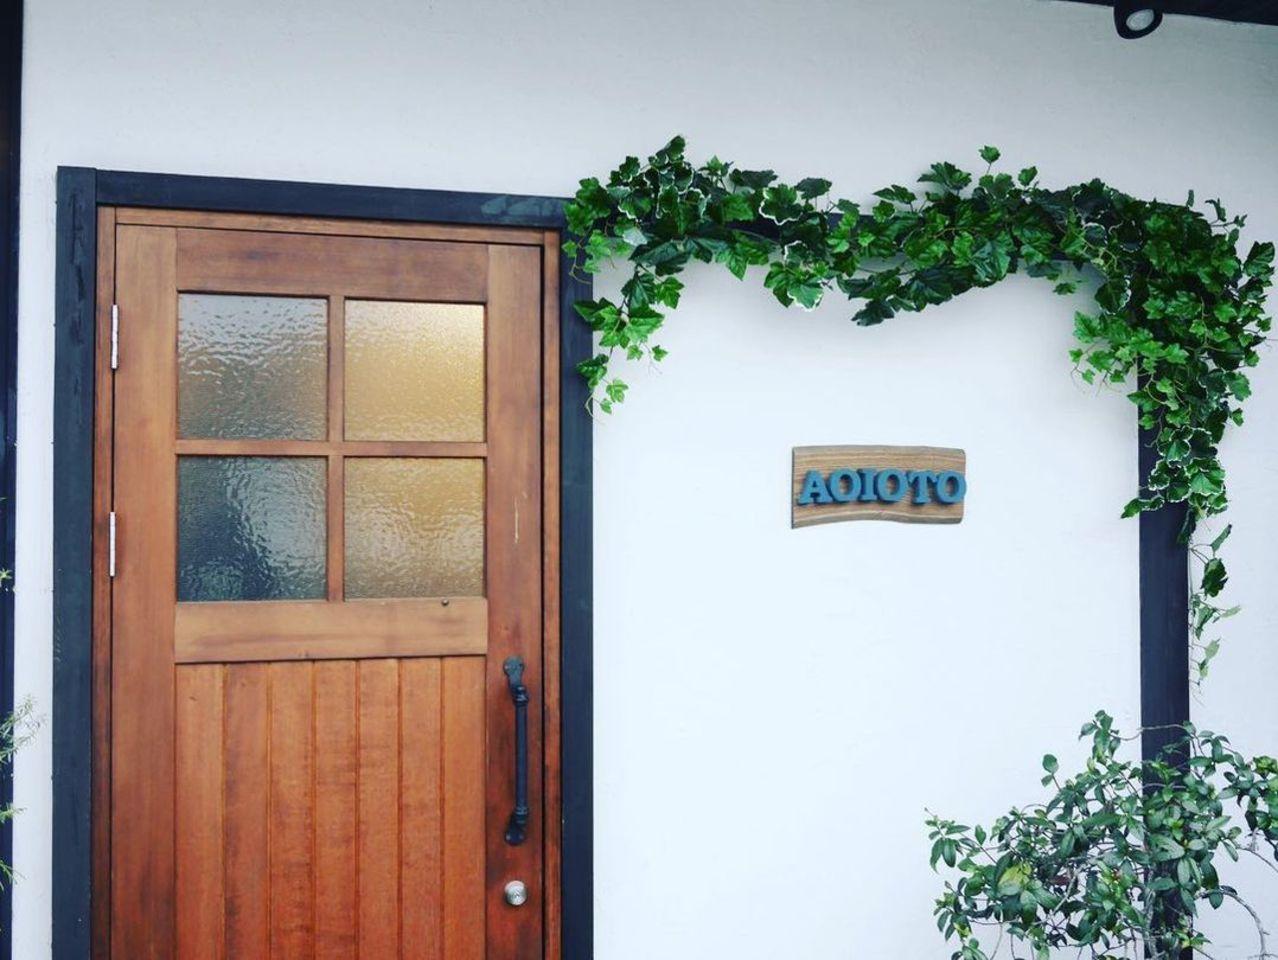 茨城県つくば市二の宮2丁目に「とんかつ茶屋 アオイオト」が11/6グランドオープンされたようです。